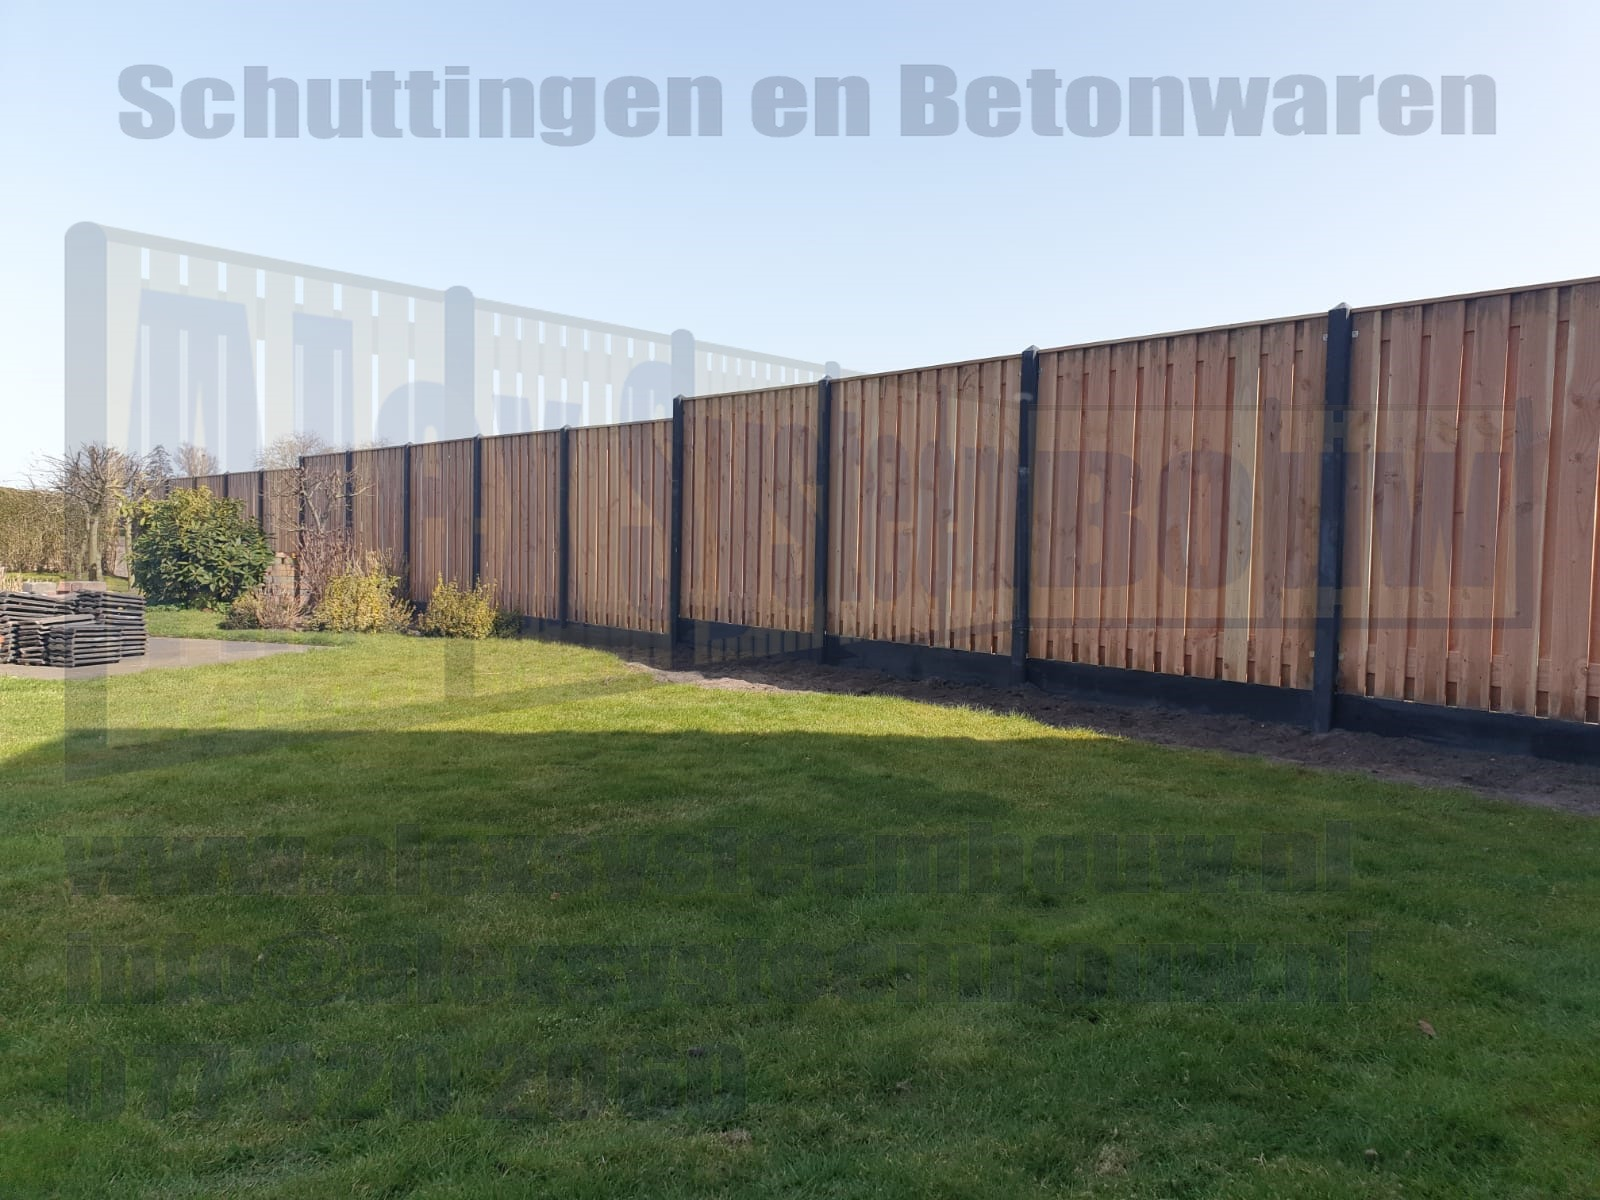 Een schutting voorzien van 21 planks lariks/douglas tuinschermen waarvan de betonpalen zijn voorzien van een piramide kop I.V.M. de afloopt zijn er 2 verspringingen gemaakt.